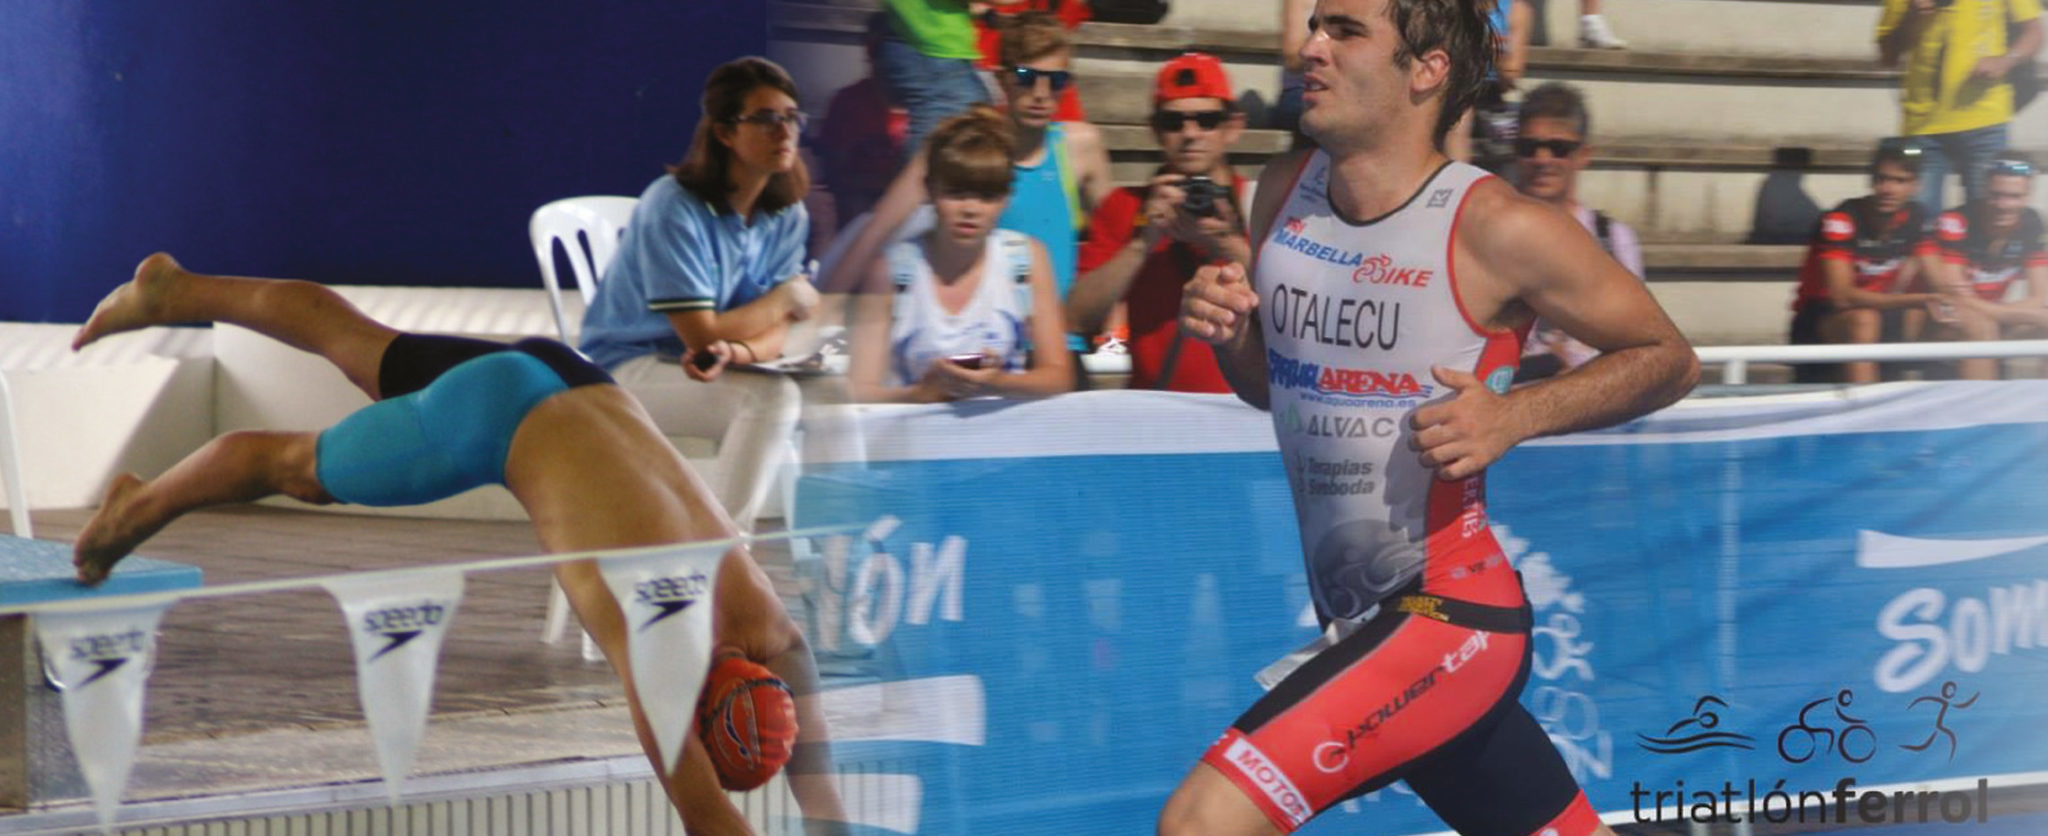 Jorge Otalecu: Un fiel madridista